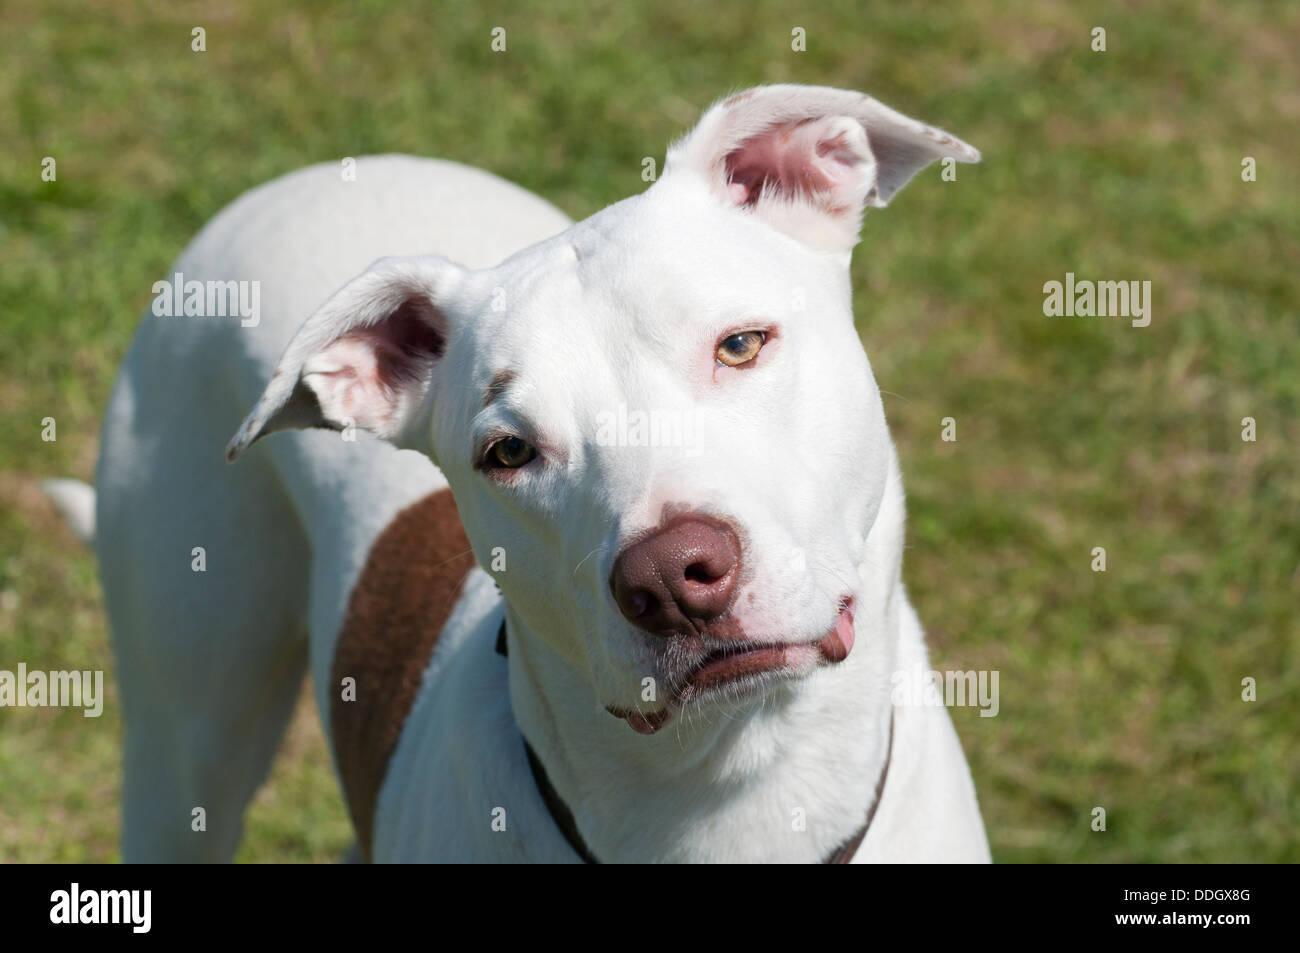 Bouledogue Américain blanc/collie/croisement greyhound dog, face à l'appareil photo avec tête inclinée Banque D'Images